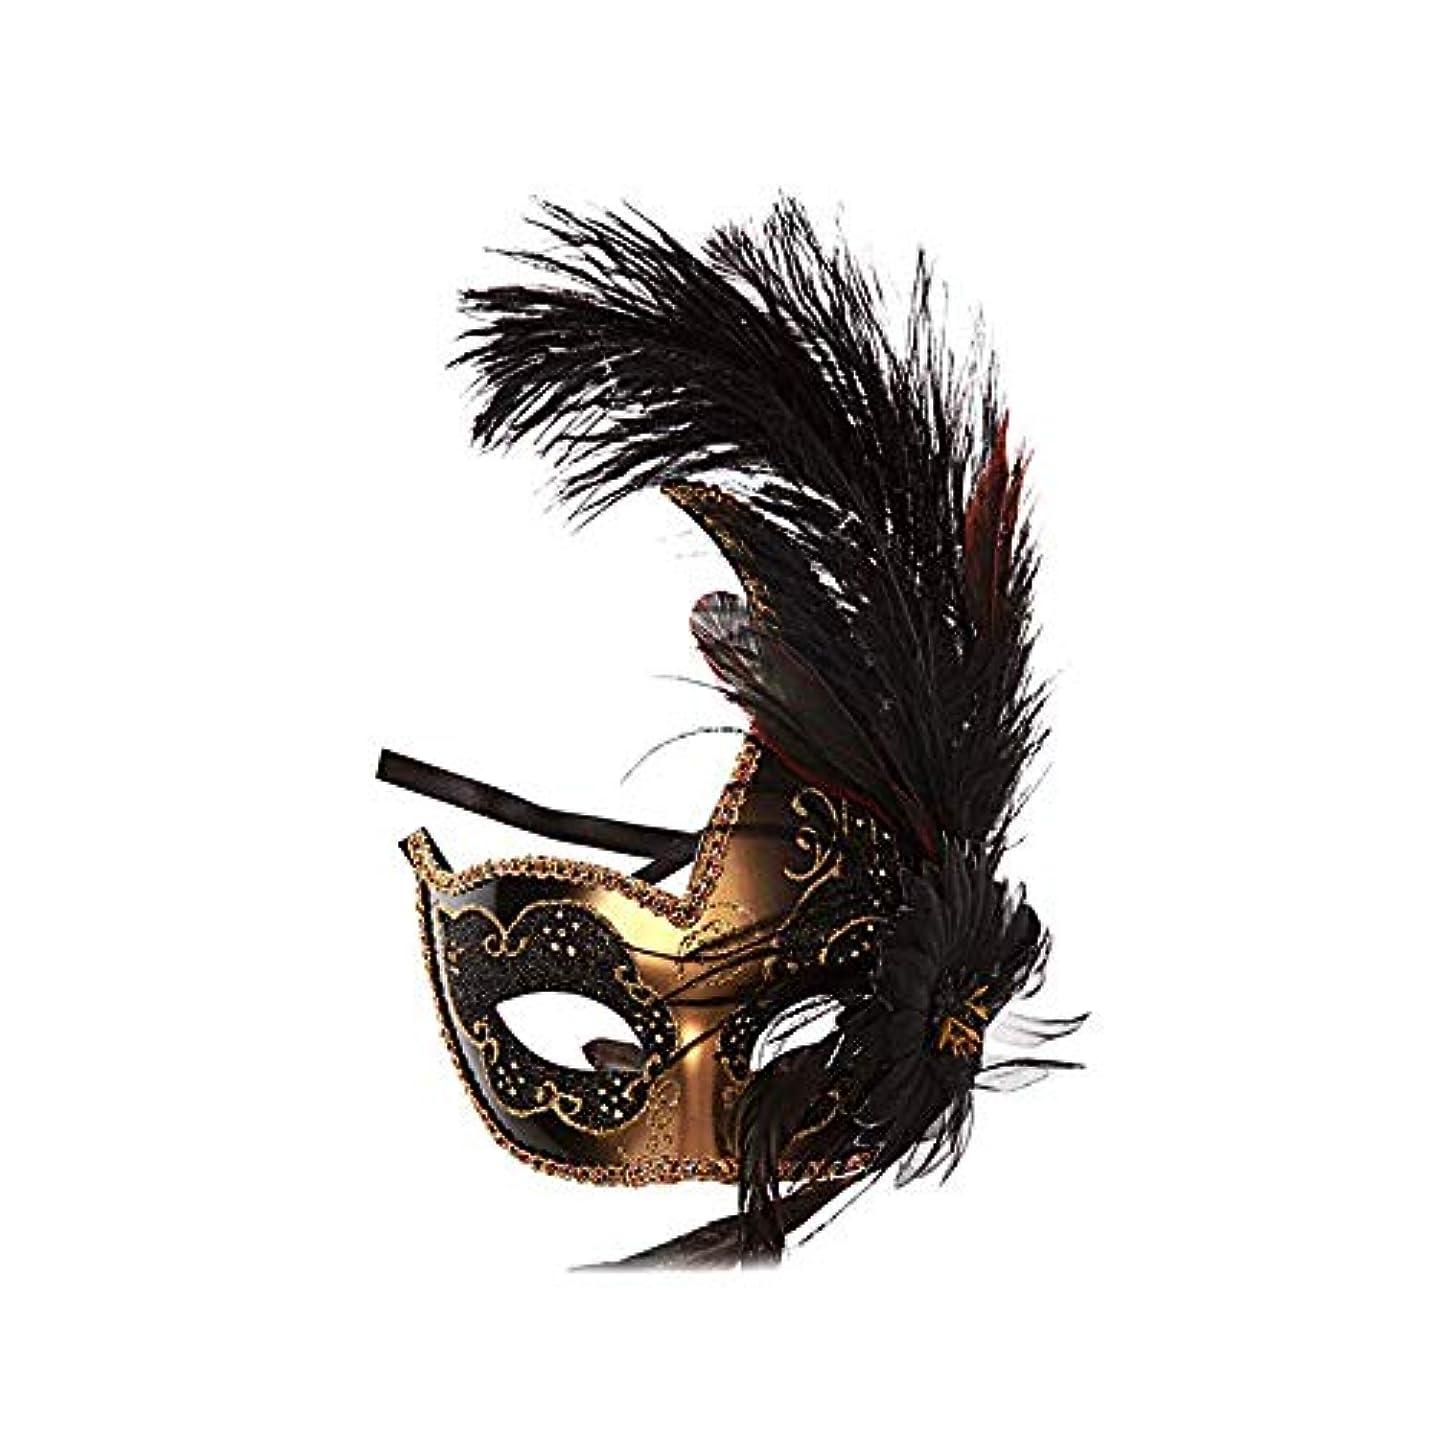 アリミリメートル頬Nanle ハロウィンマスクハーフフェザーマスクベニスプリンセスマスク美容レース仮面ライダーコスプレ (色 : Style B black)